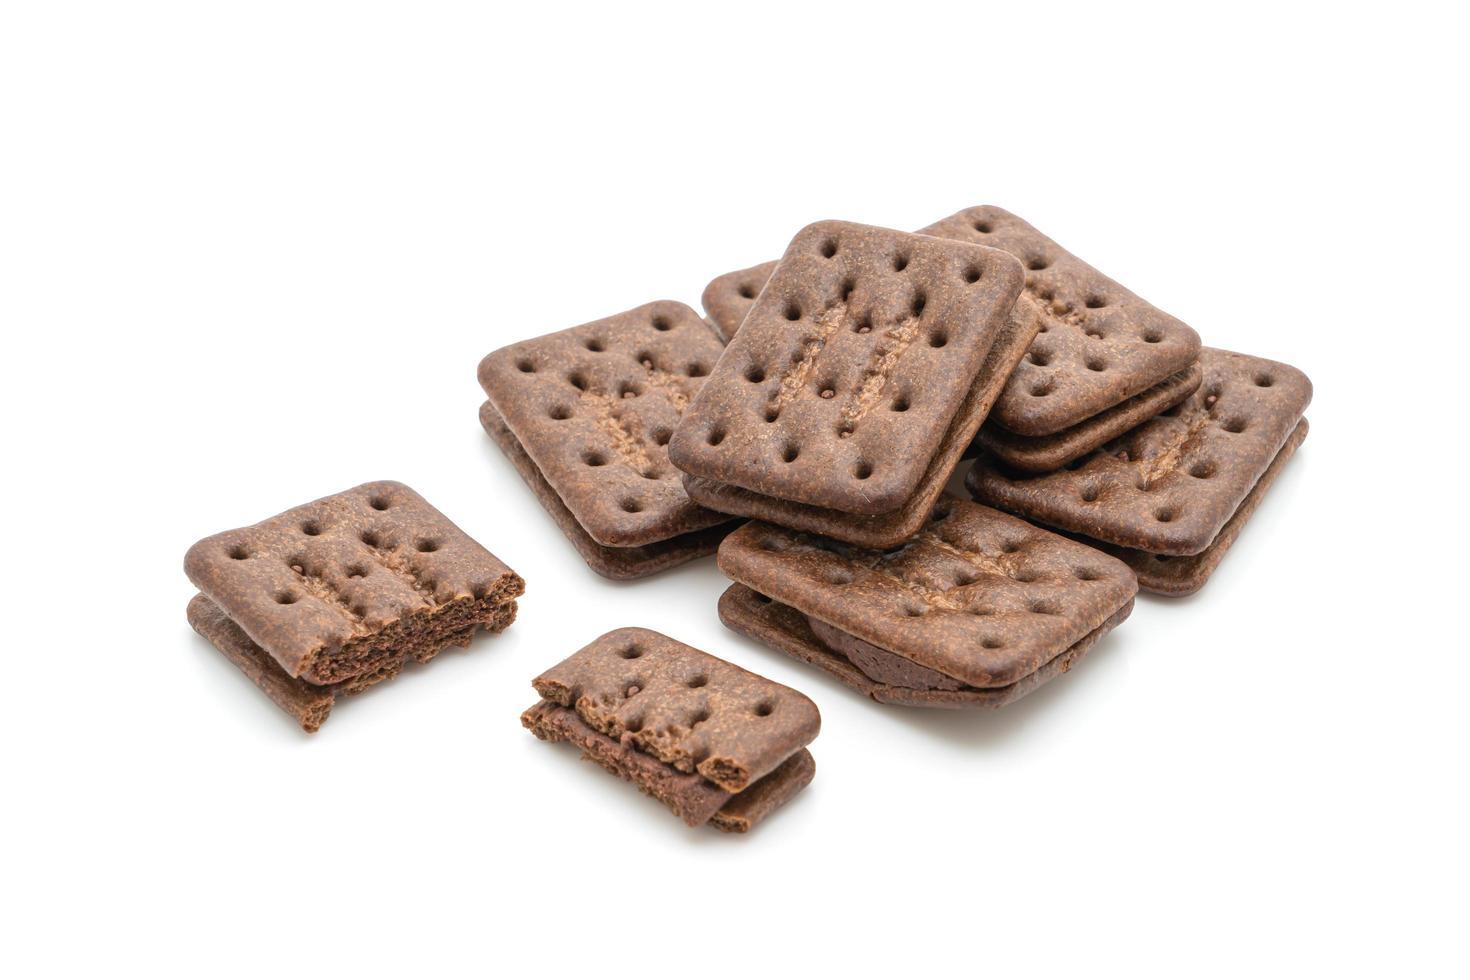 Schokoladenkekse mit Schokoladencreme isoliert auf weißem Hintergrund foto